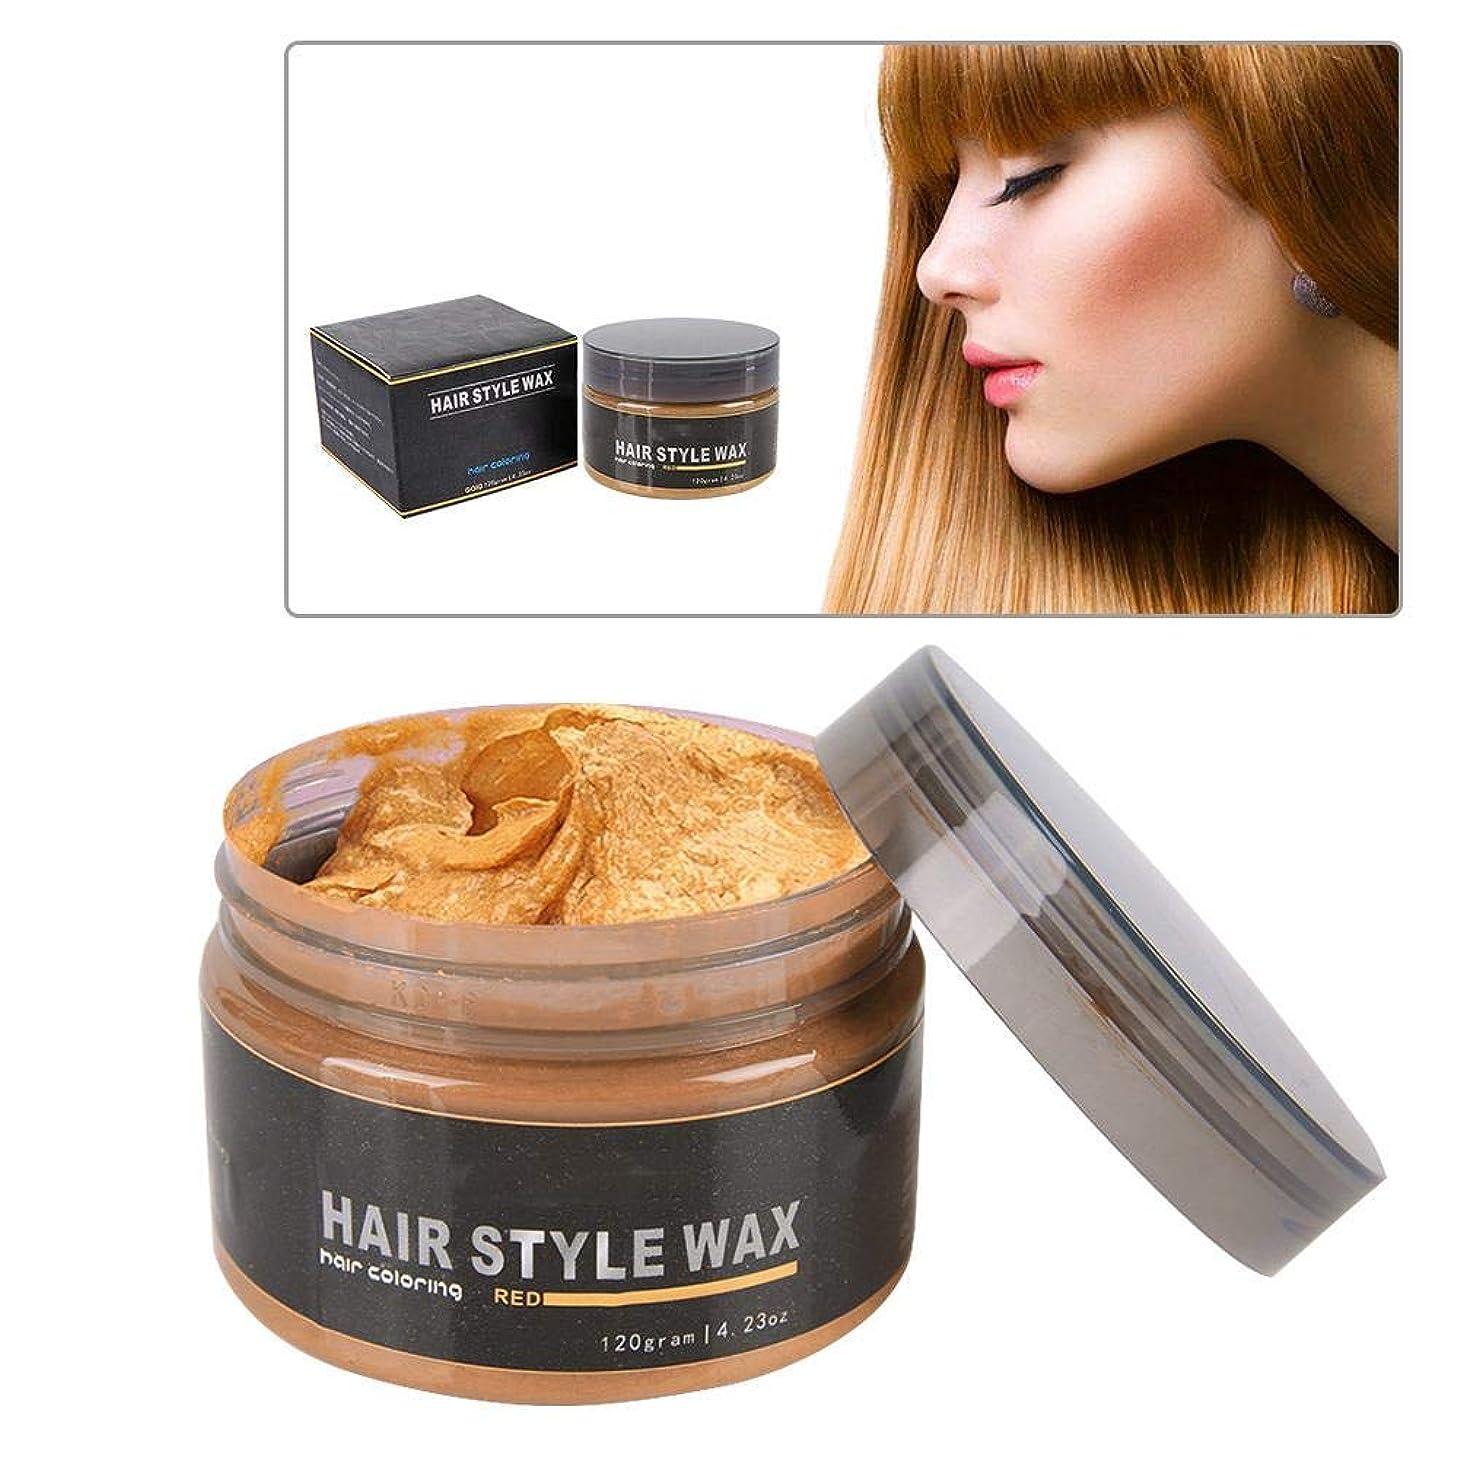 くしゃみ鉛ピット使い捨ての新しいヘアカラーワックス、染毛剤の着色泥のヘアスタイルモデリングクリーム120グラム(ゴールド)